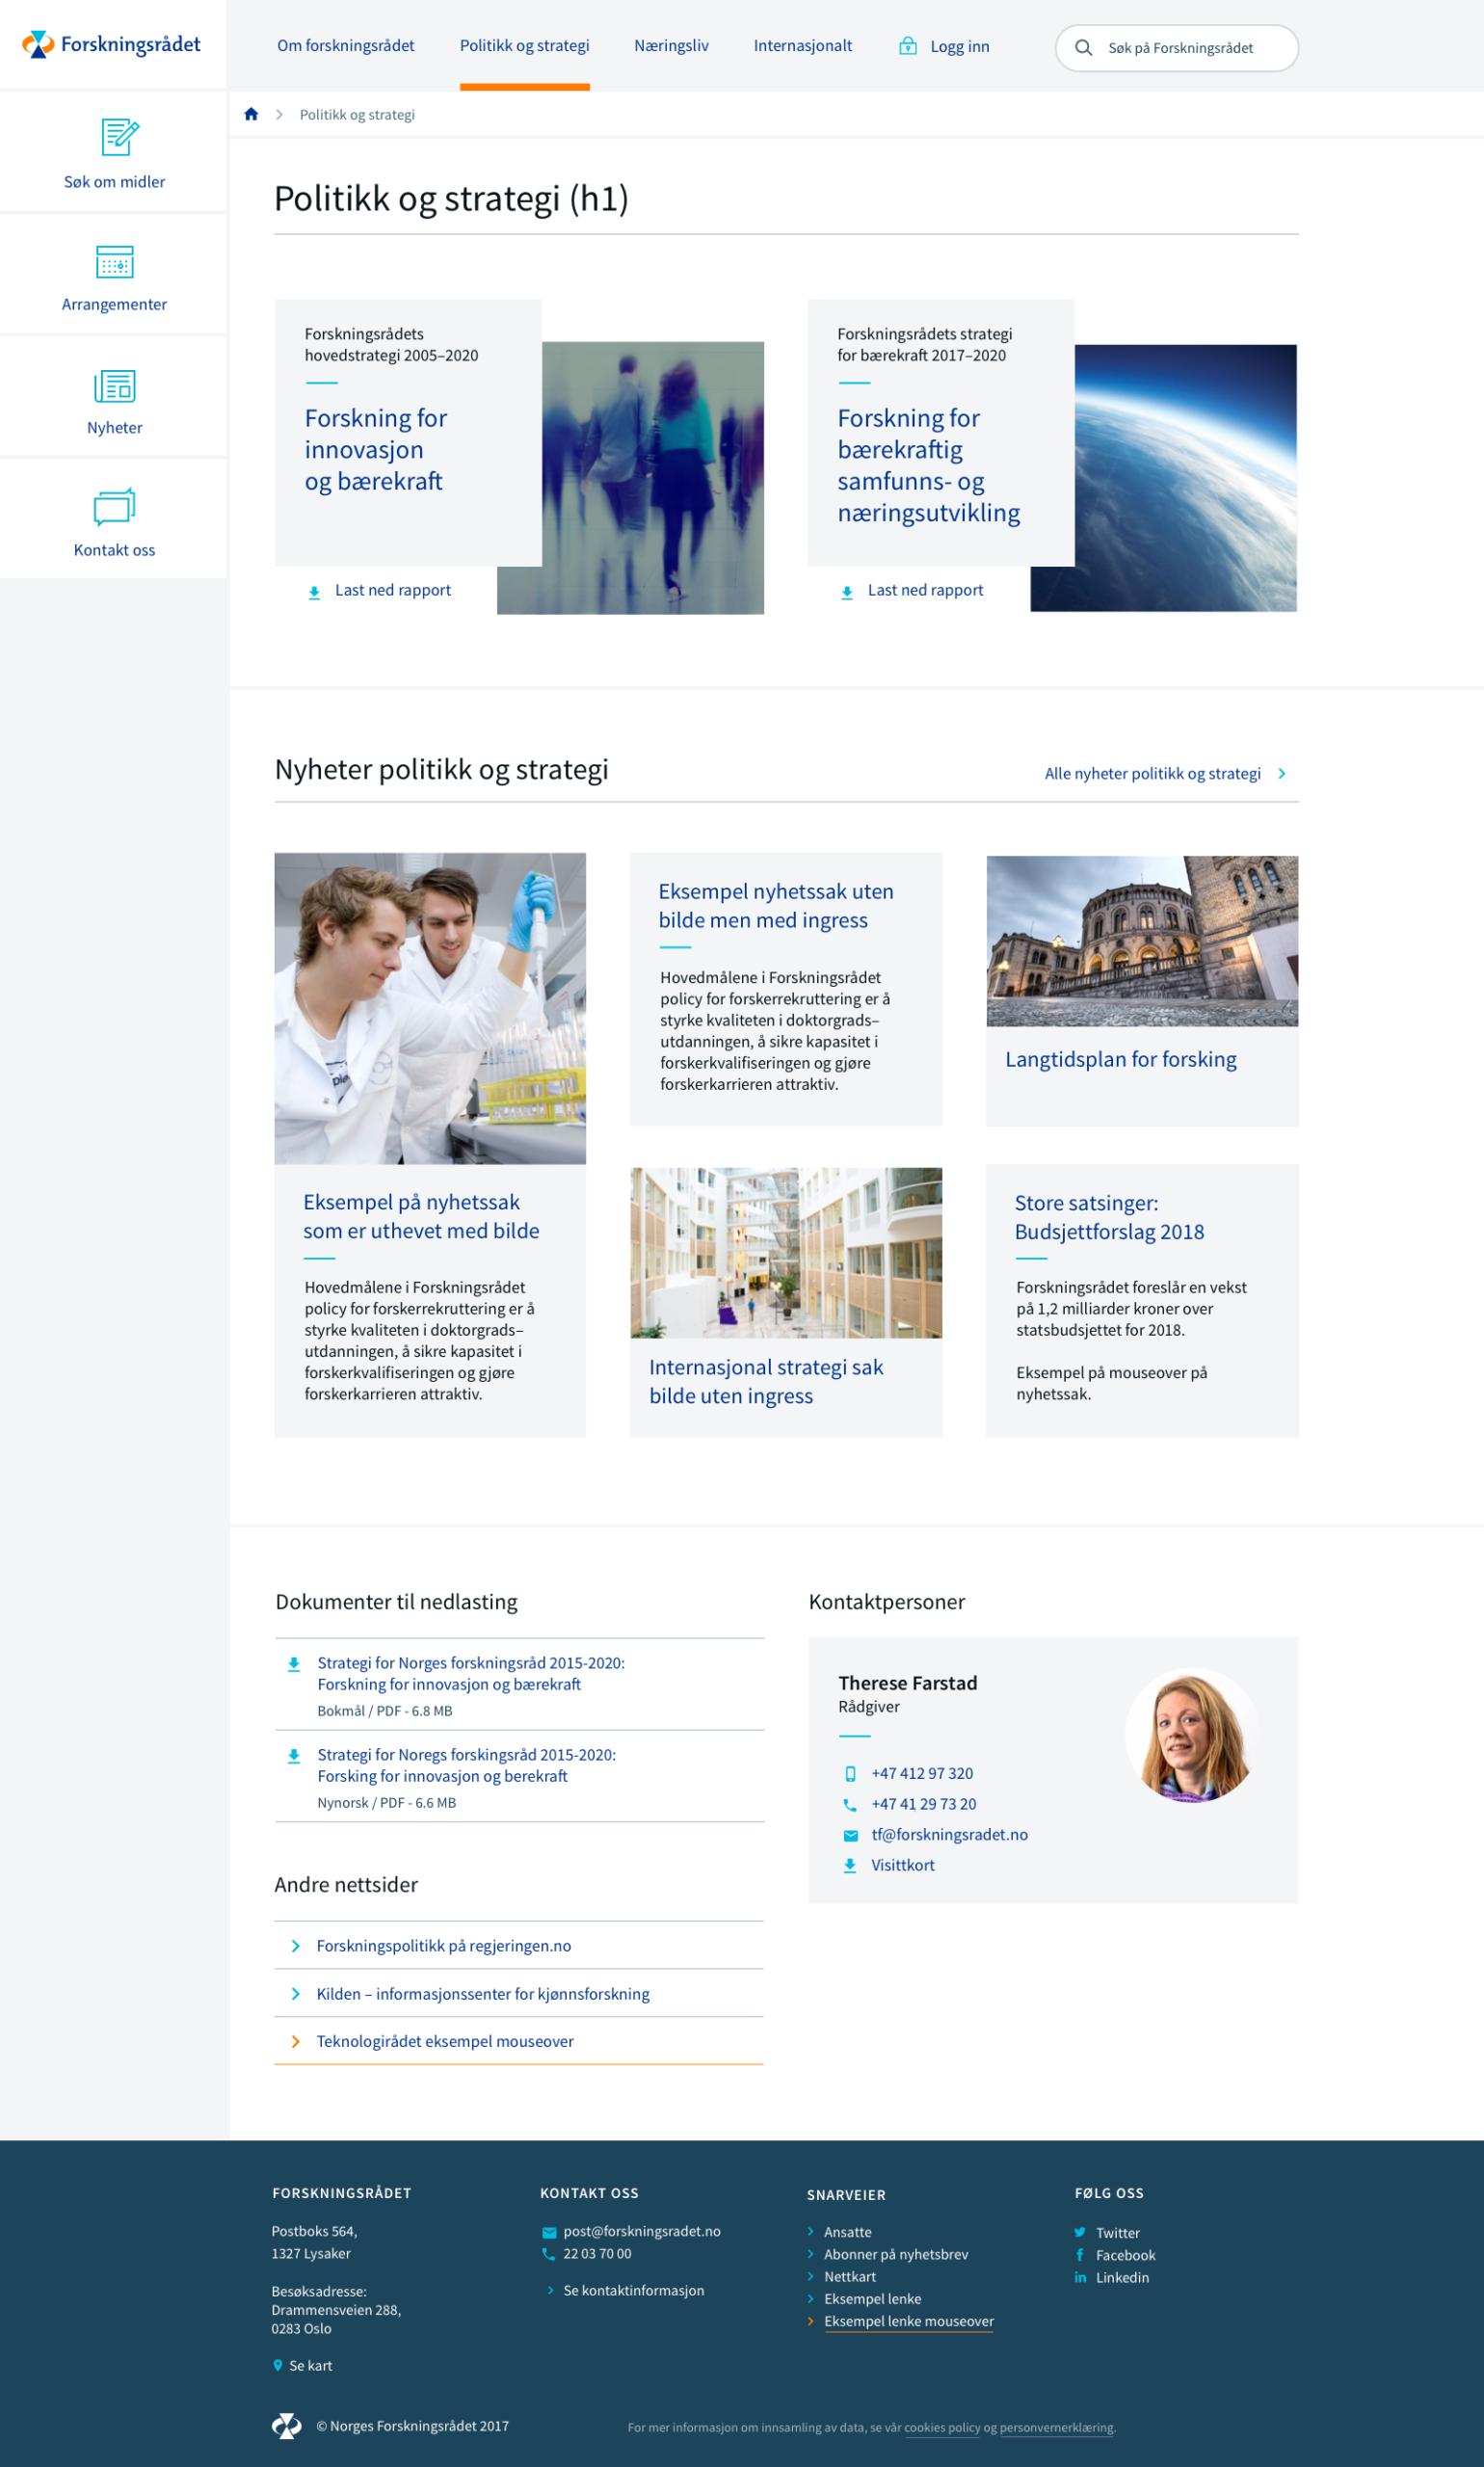 Forskningsrådet profil eksempel nettside politikk og strategi